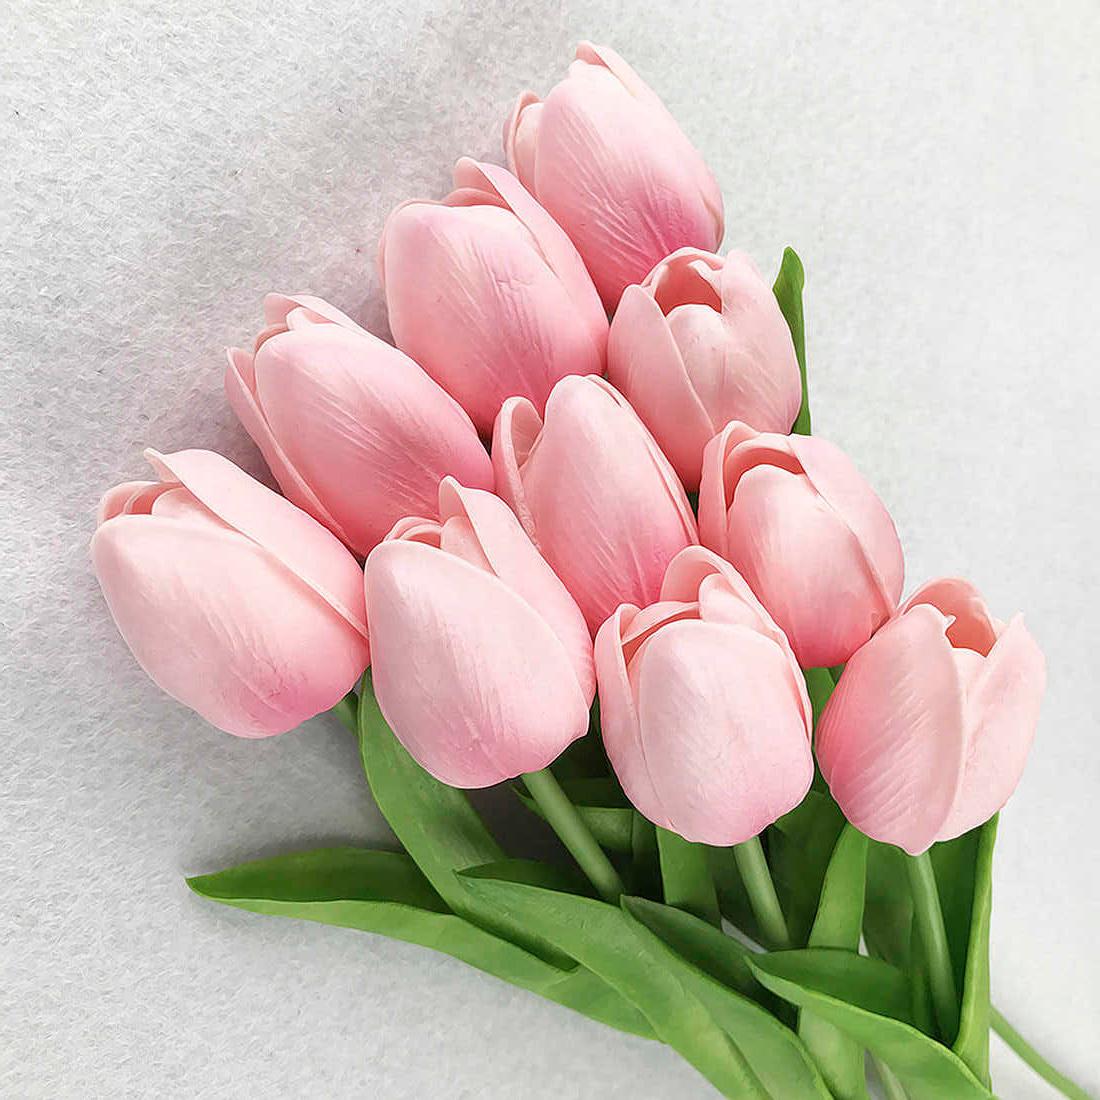 tulip-photo-190